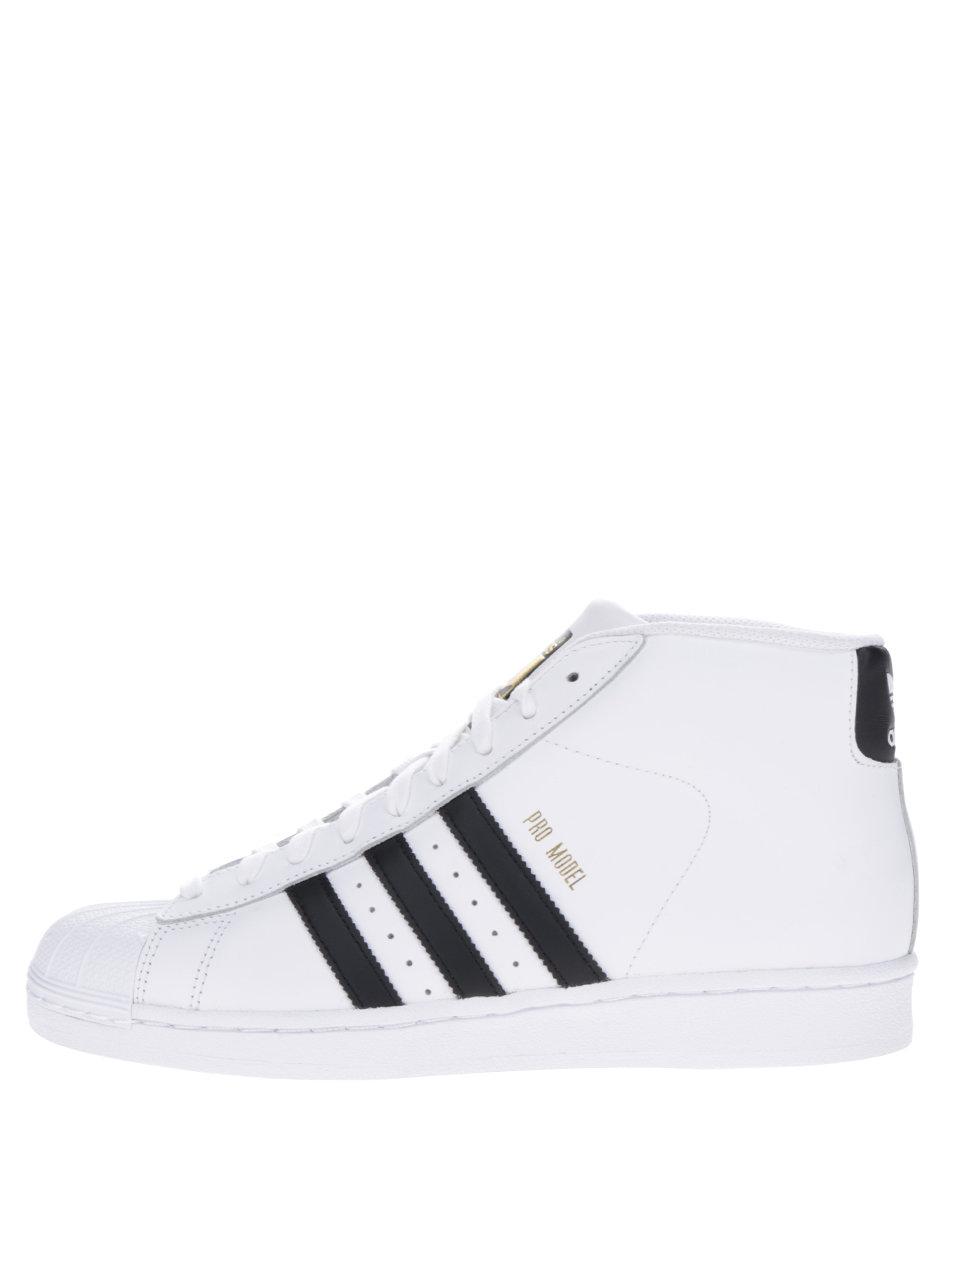 a369fc90d314 Biele pánske kožené členkové tenisky adidas Originals Pro Model Vintage ...